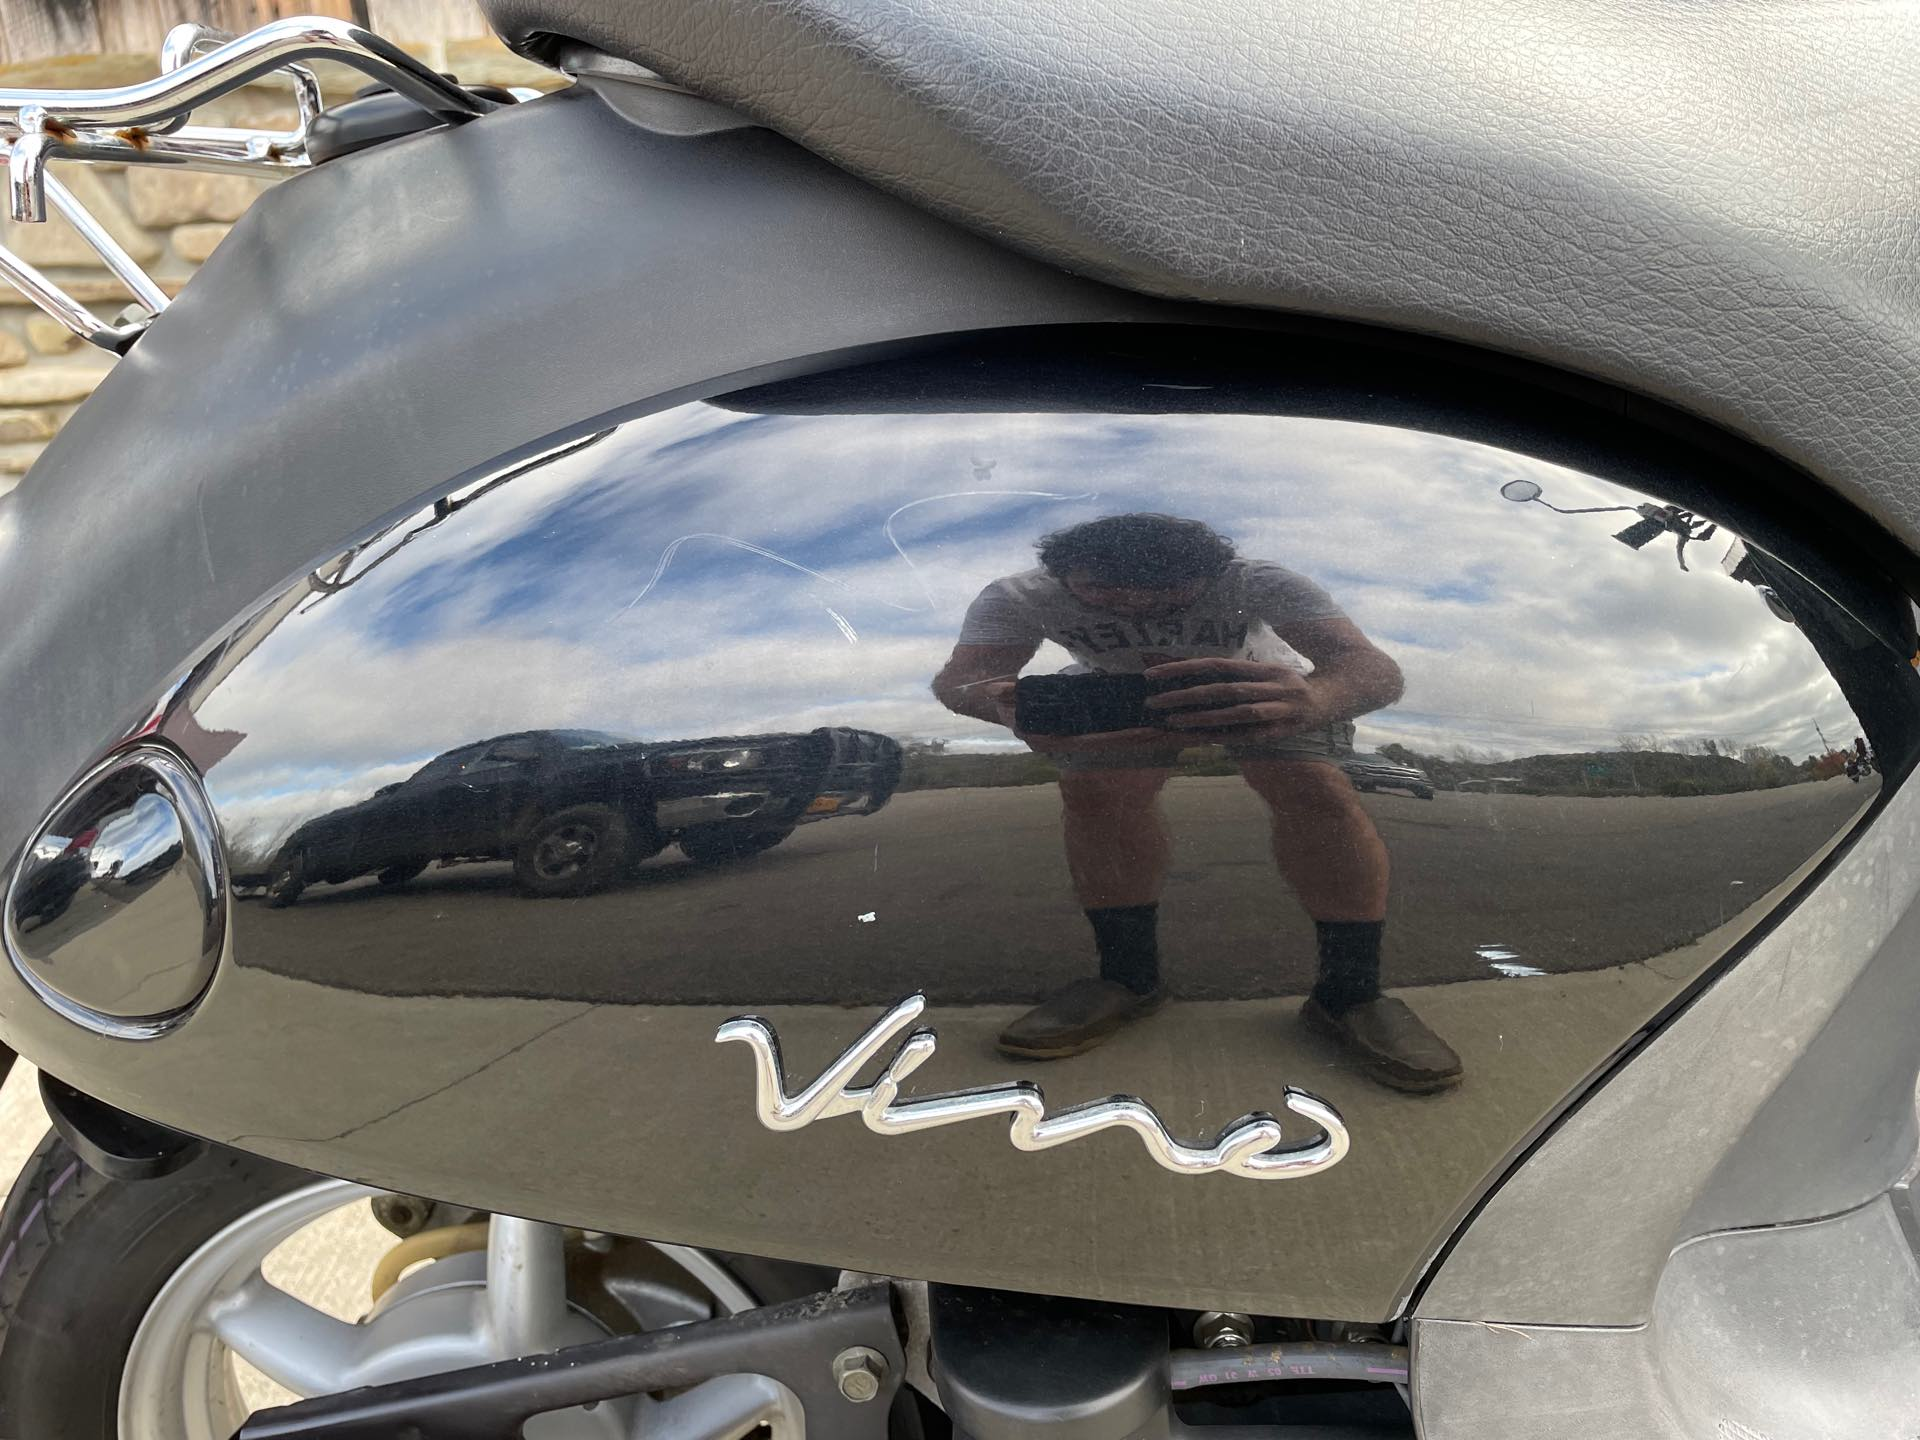 2006 Yamaha Vino Classic at Arkport Cycles